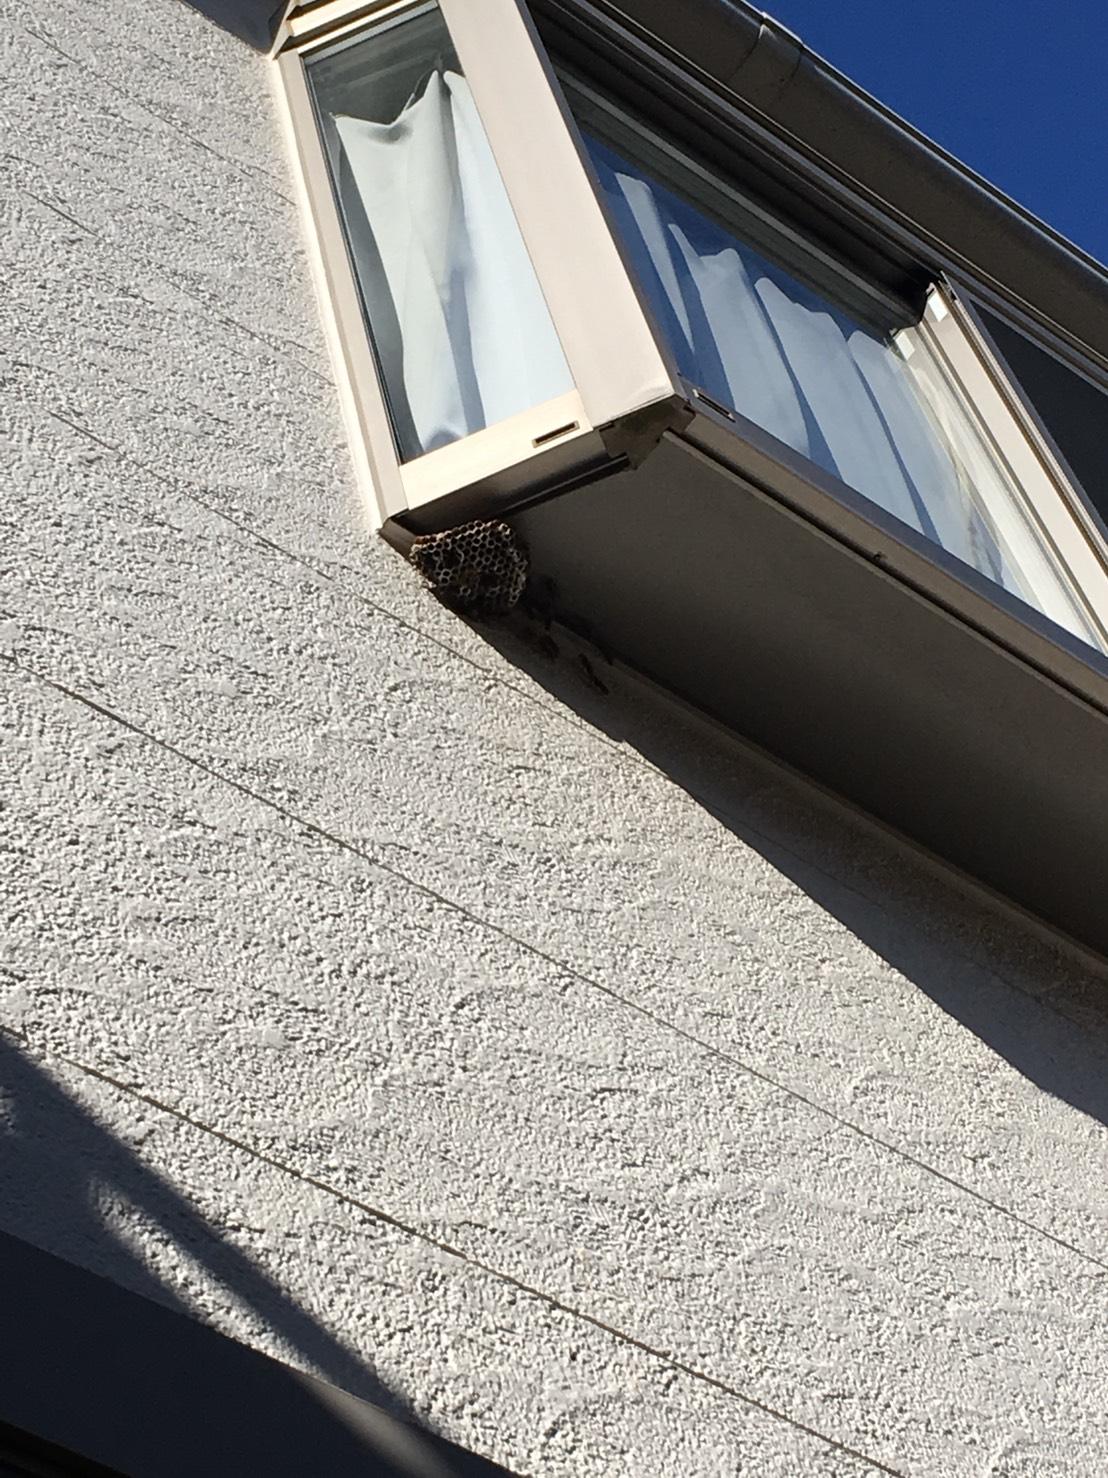 【千葉県柏市東中新宿】8月17日、アシナガバチの蜂の巣駆除依頼がありました【場所:出窓】